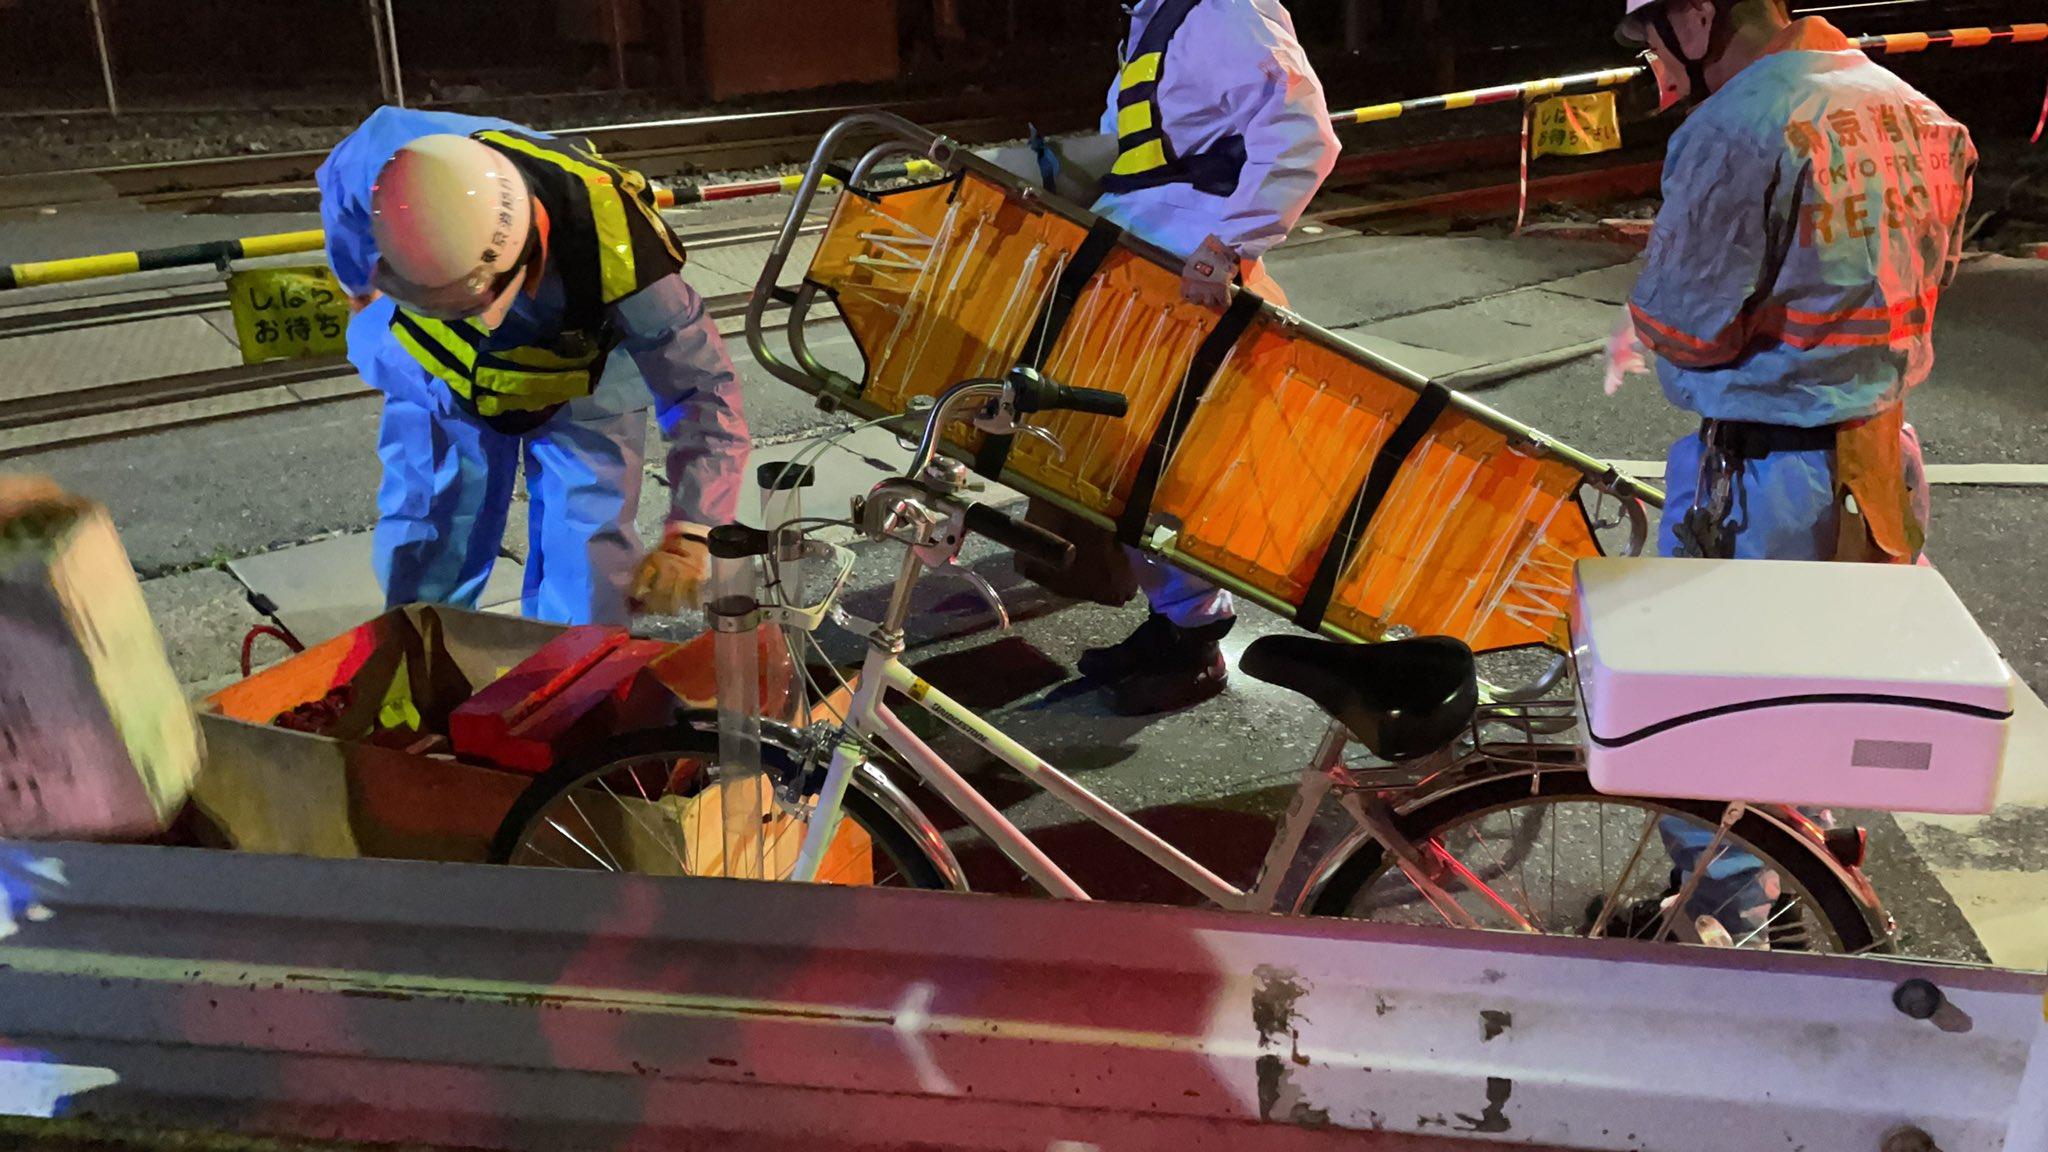 宇都宮線の尾久駅~赤羽駅間の人身事故で救護活動している画像